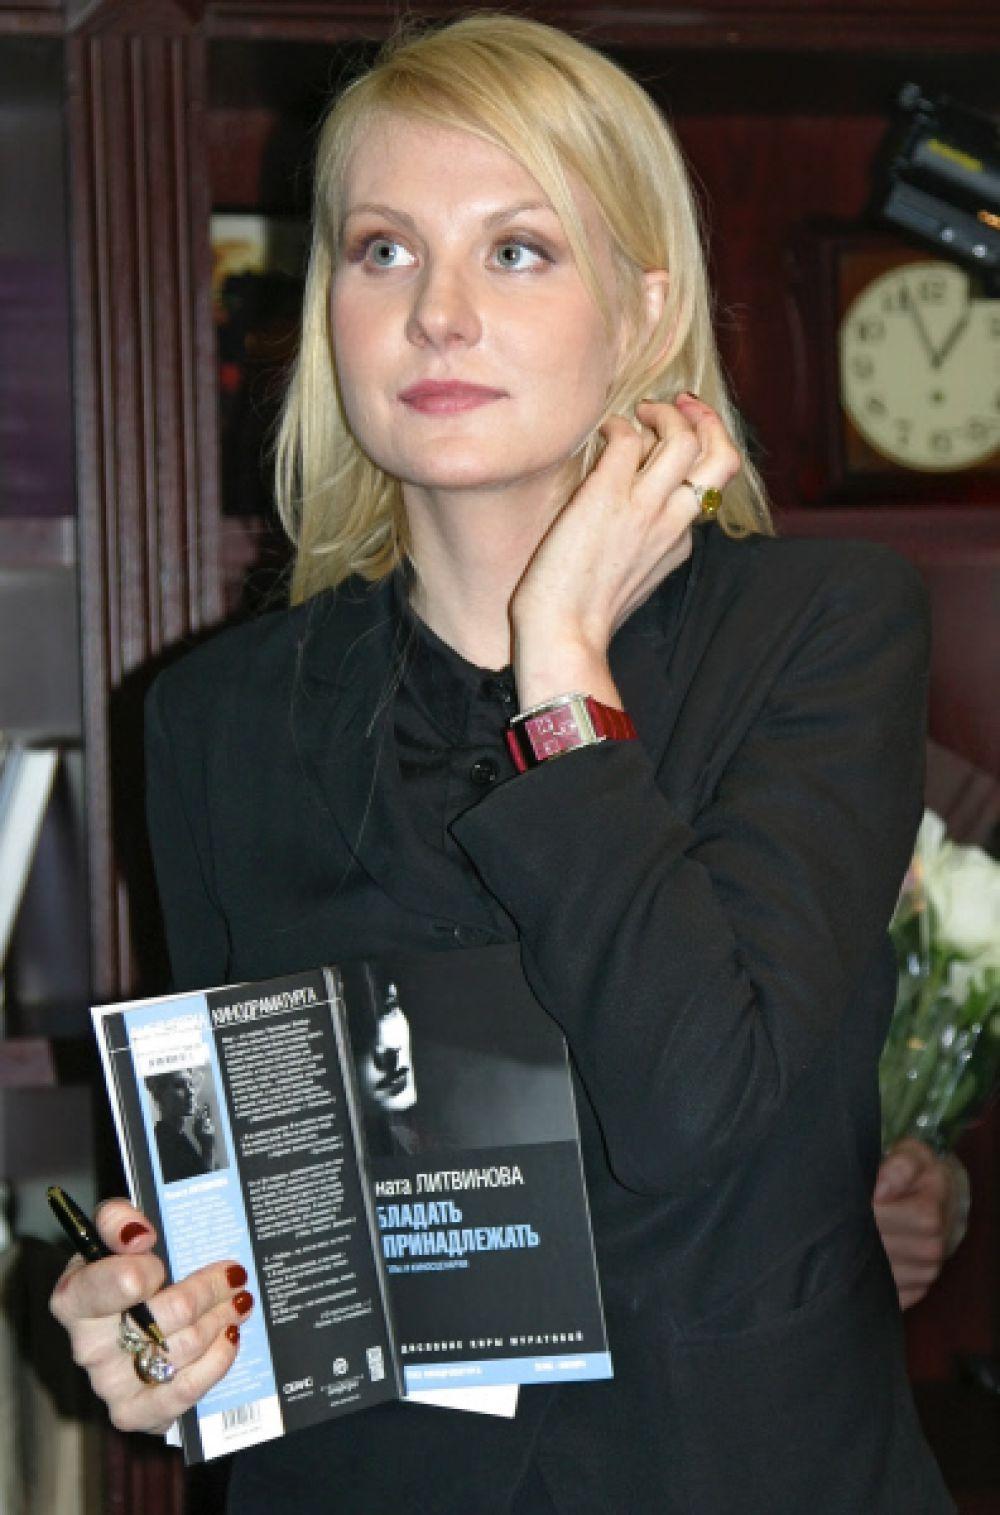 В 1997 году по повести Ренаты Литвиновой «Обладать и принадлежать» Валерий Тодоровский поставил фильм «Страна глухих». Режиссер многое в сценарии переработал, что не могло нравиться Литвиновой, однако главную героиню Яю, которую сыграла Дина Корзун, оставил нетронутой.